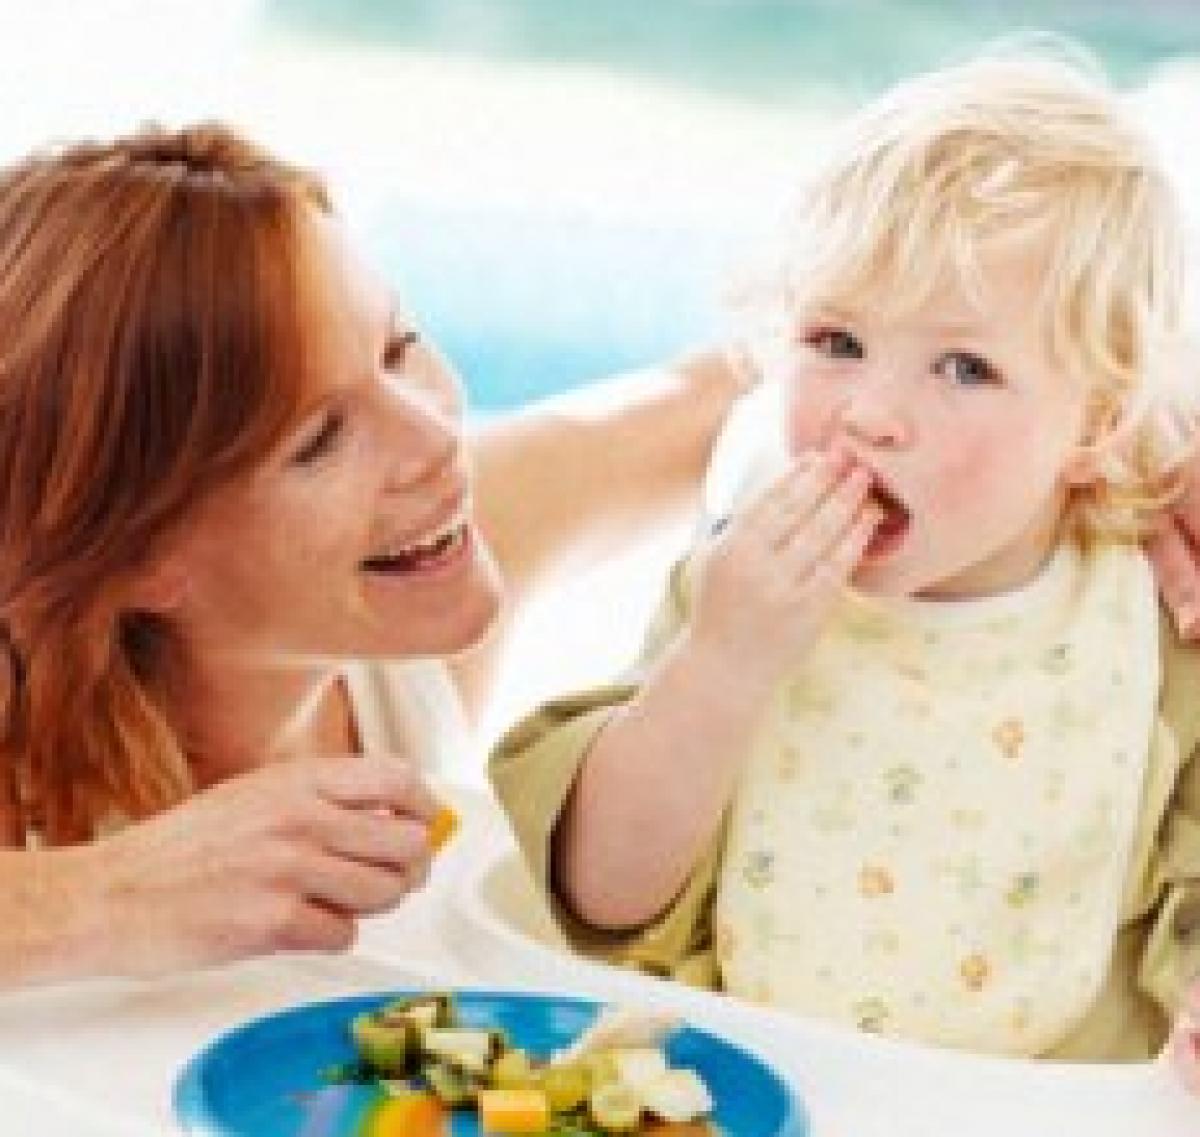 Η μαμά ρωτάει: Τι πρόγραμμα φαγητού μπορώ να φτιάξω για την κόρη μου;